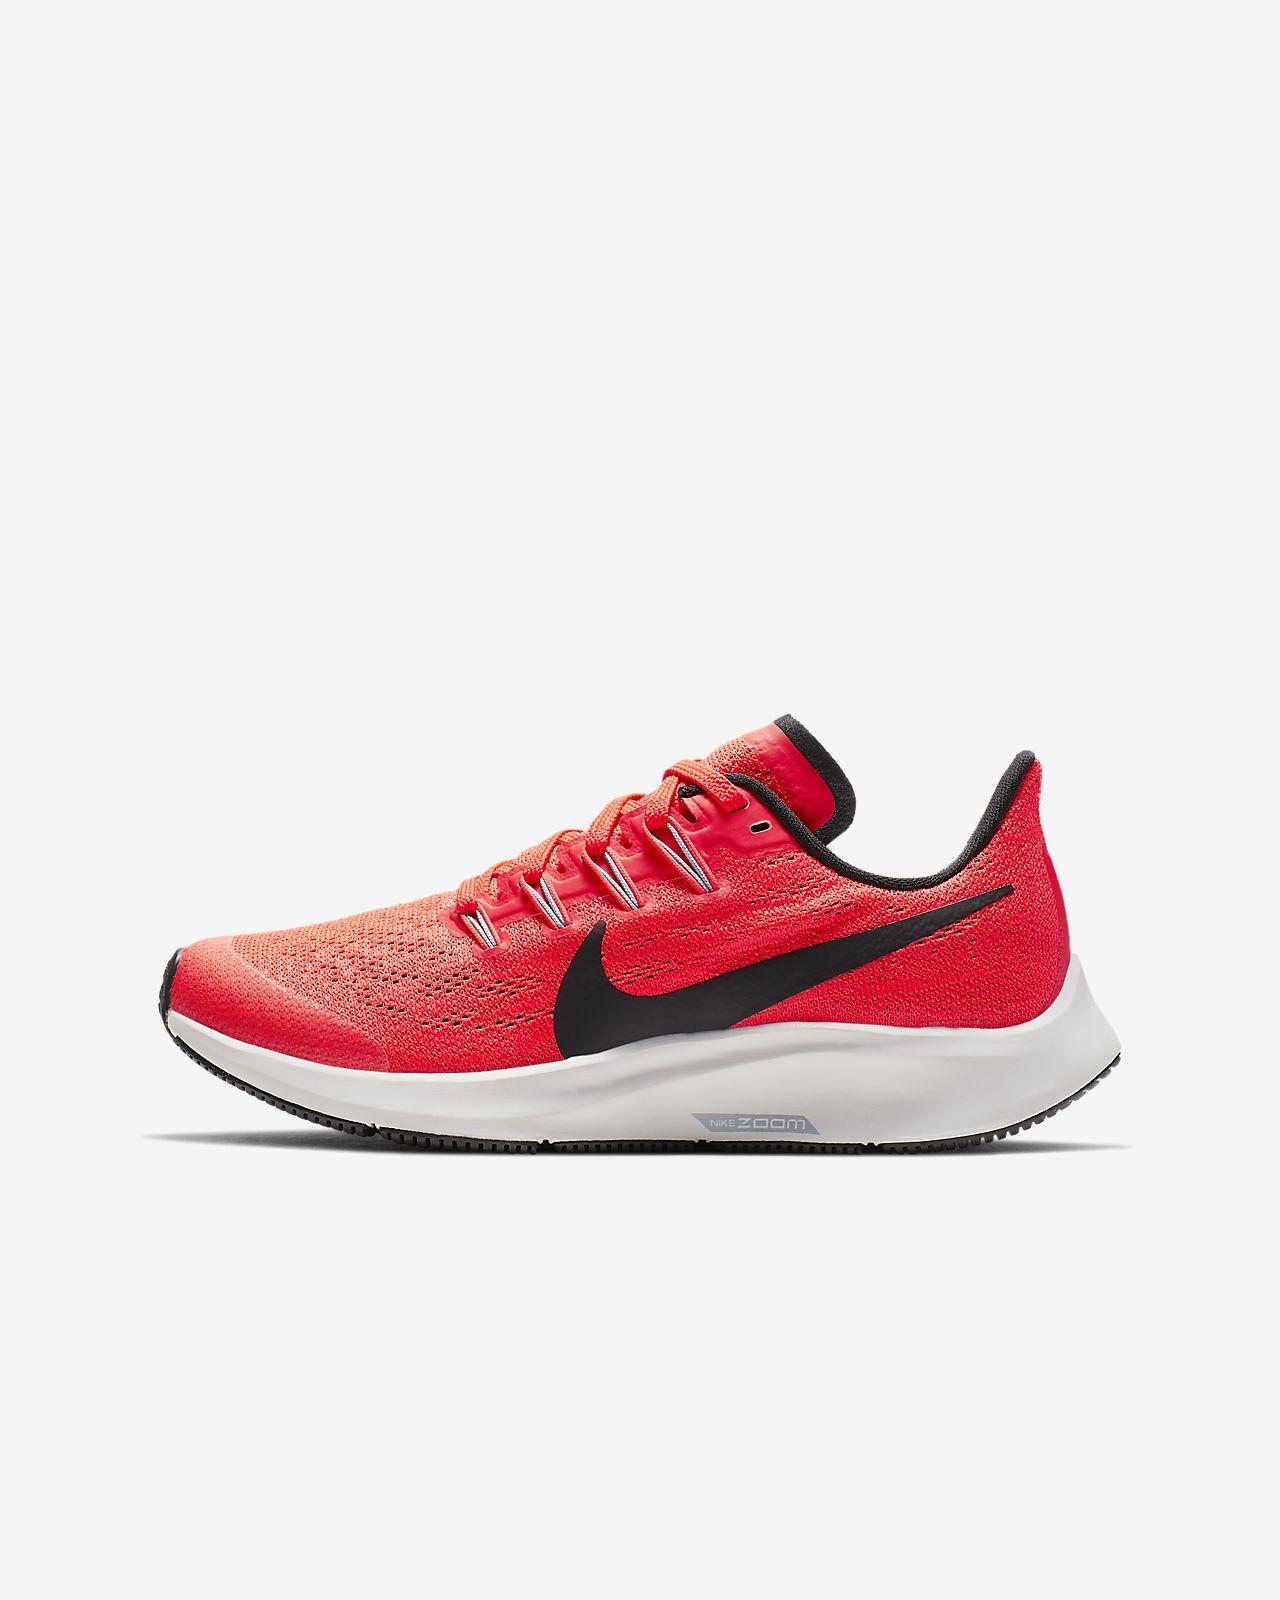 Παπούτσι για τρέξιμο Nike Air Zoom Pegasus 36 Print για μικρά/μεγάλα παιδιά